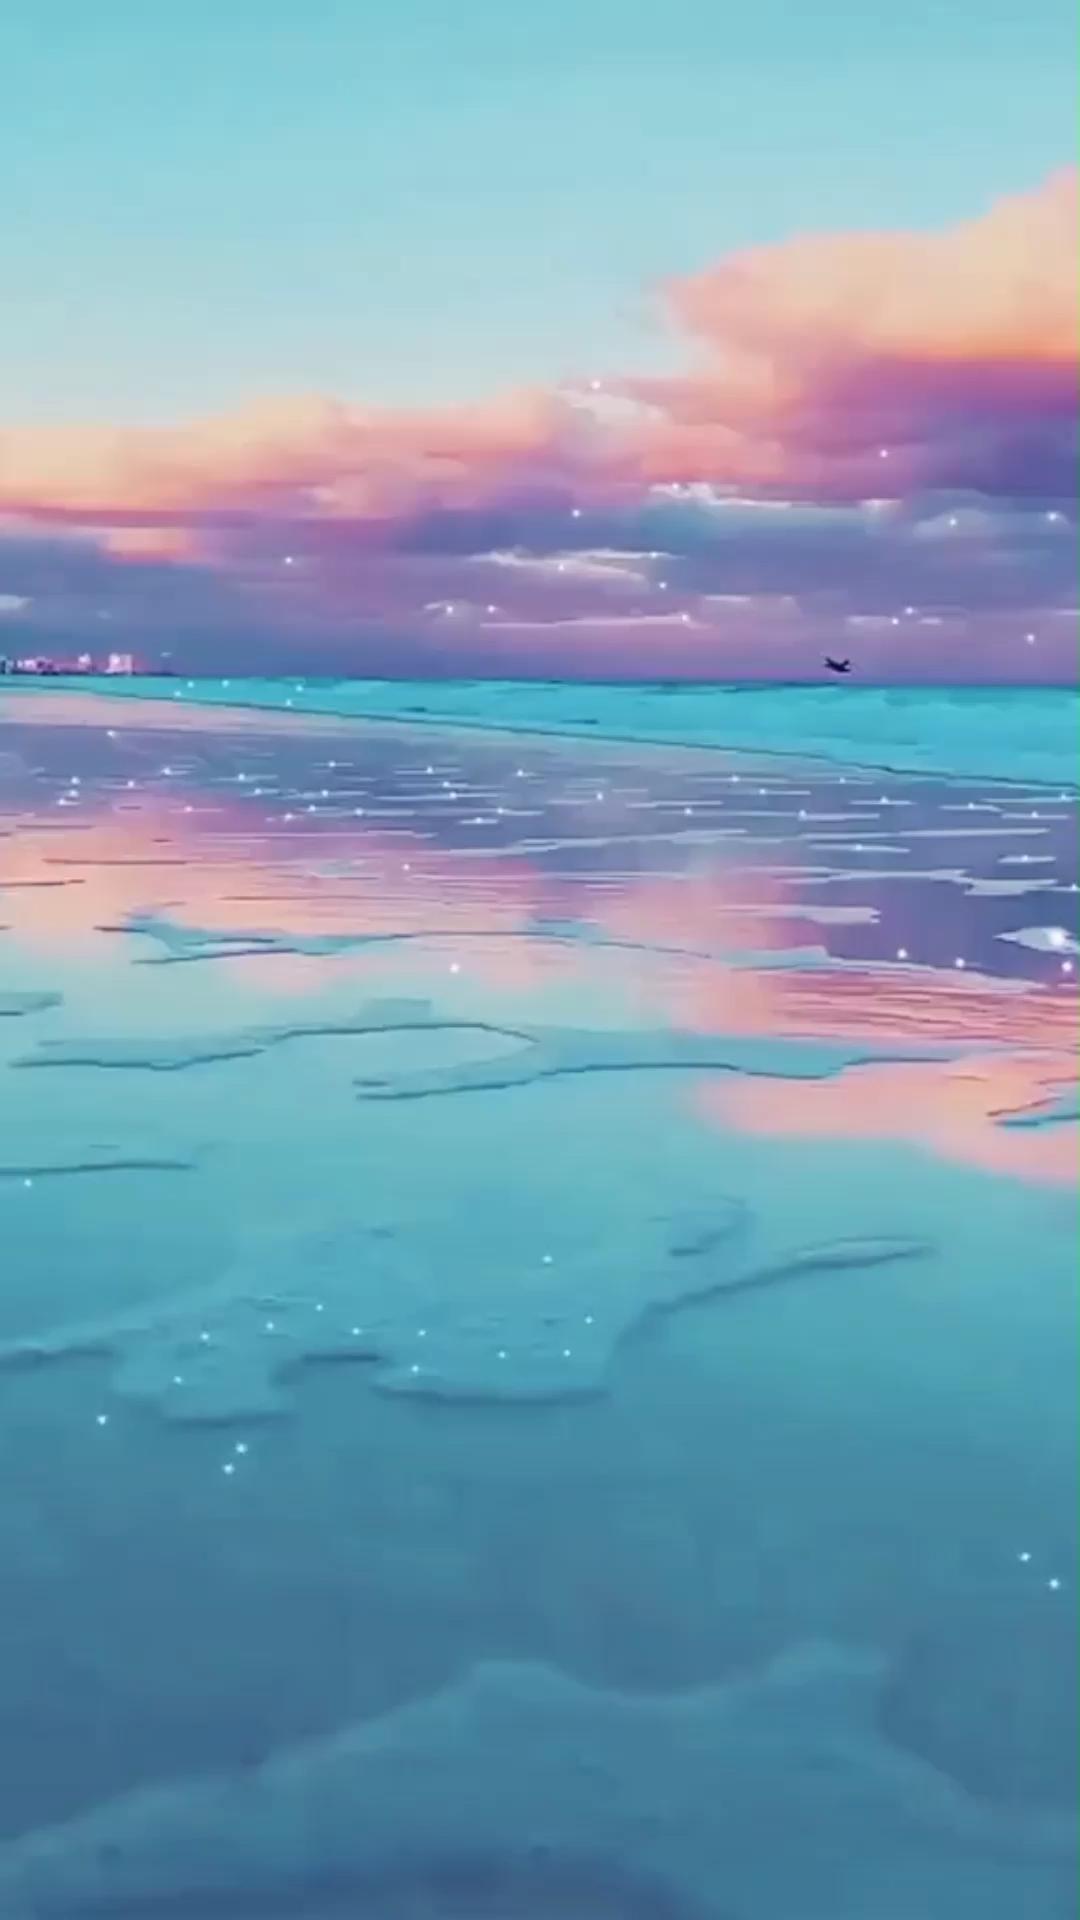 Hình nền động bãi biển đầy sắc màu